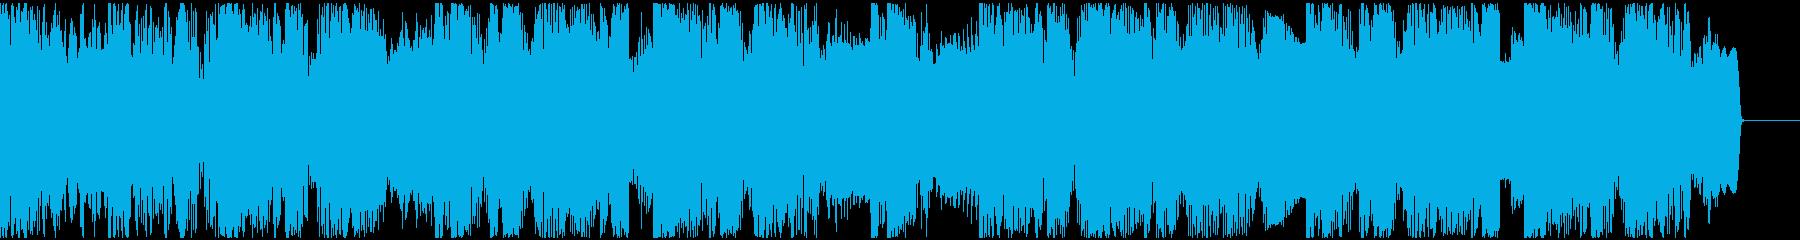 【EDM】ロング9、ショート3の再生済みの波形